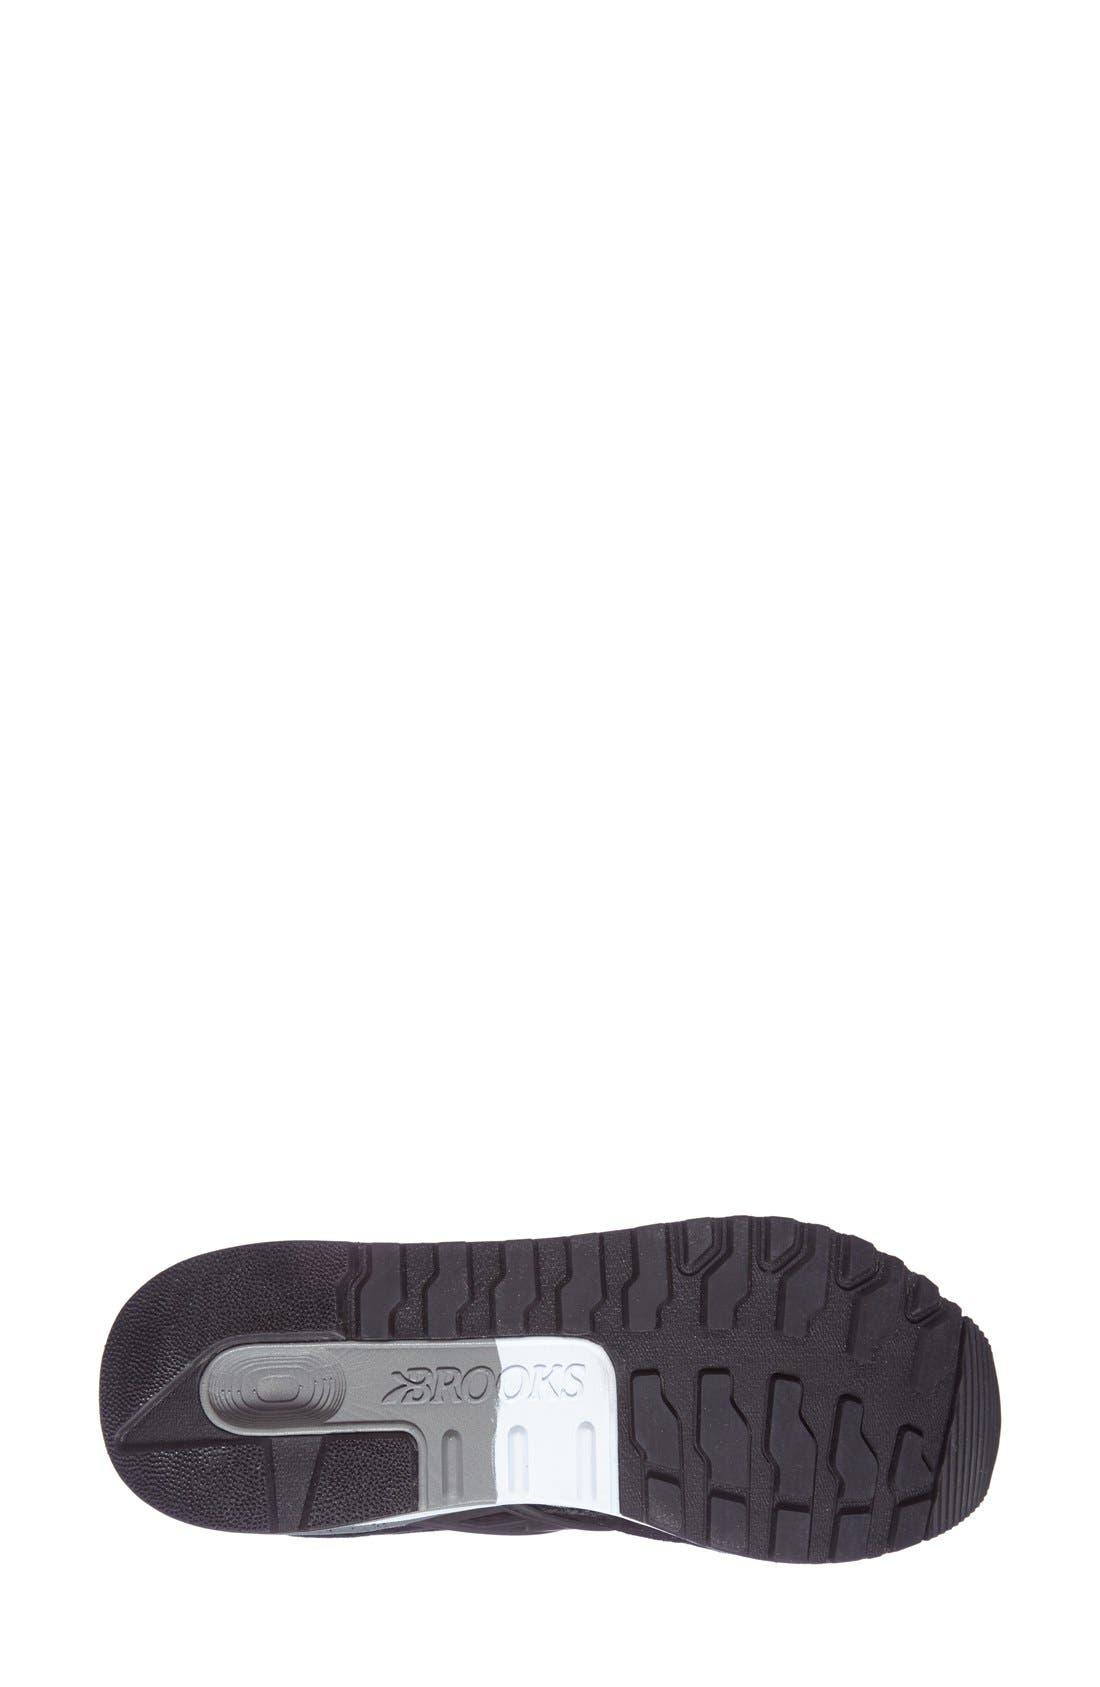 'Evenfall Regent' Sneaker,                             Alternate thumbnail 4, color,                             091